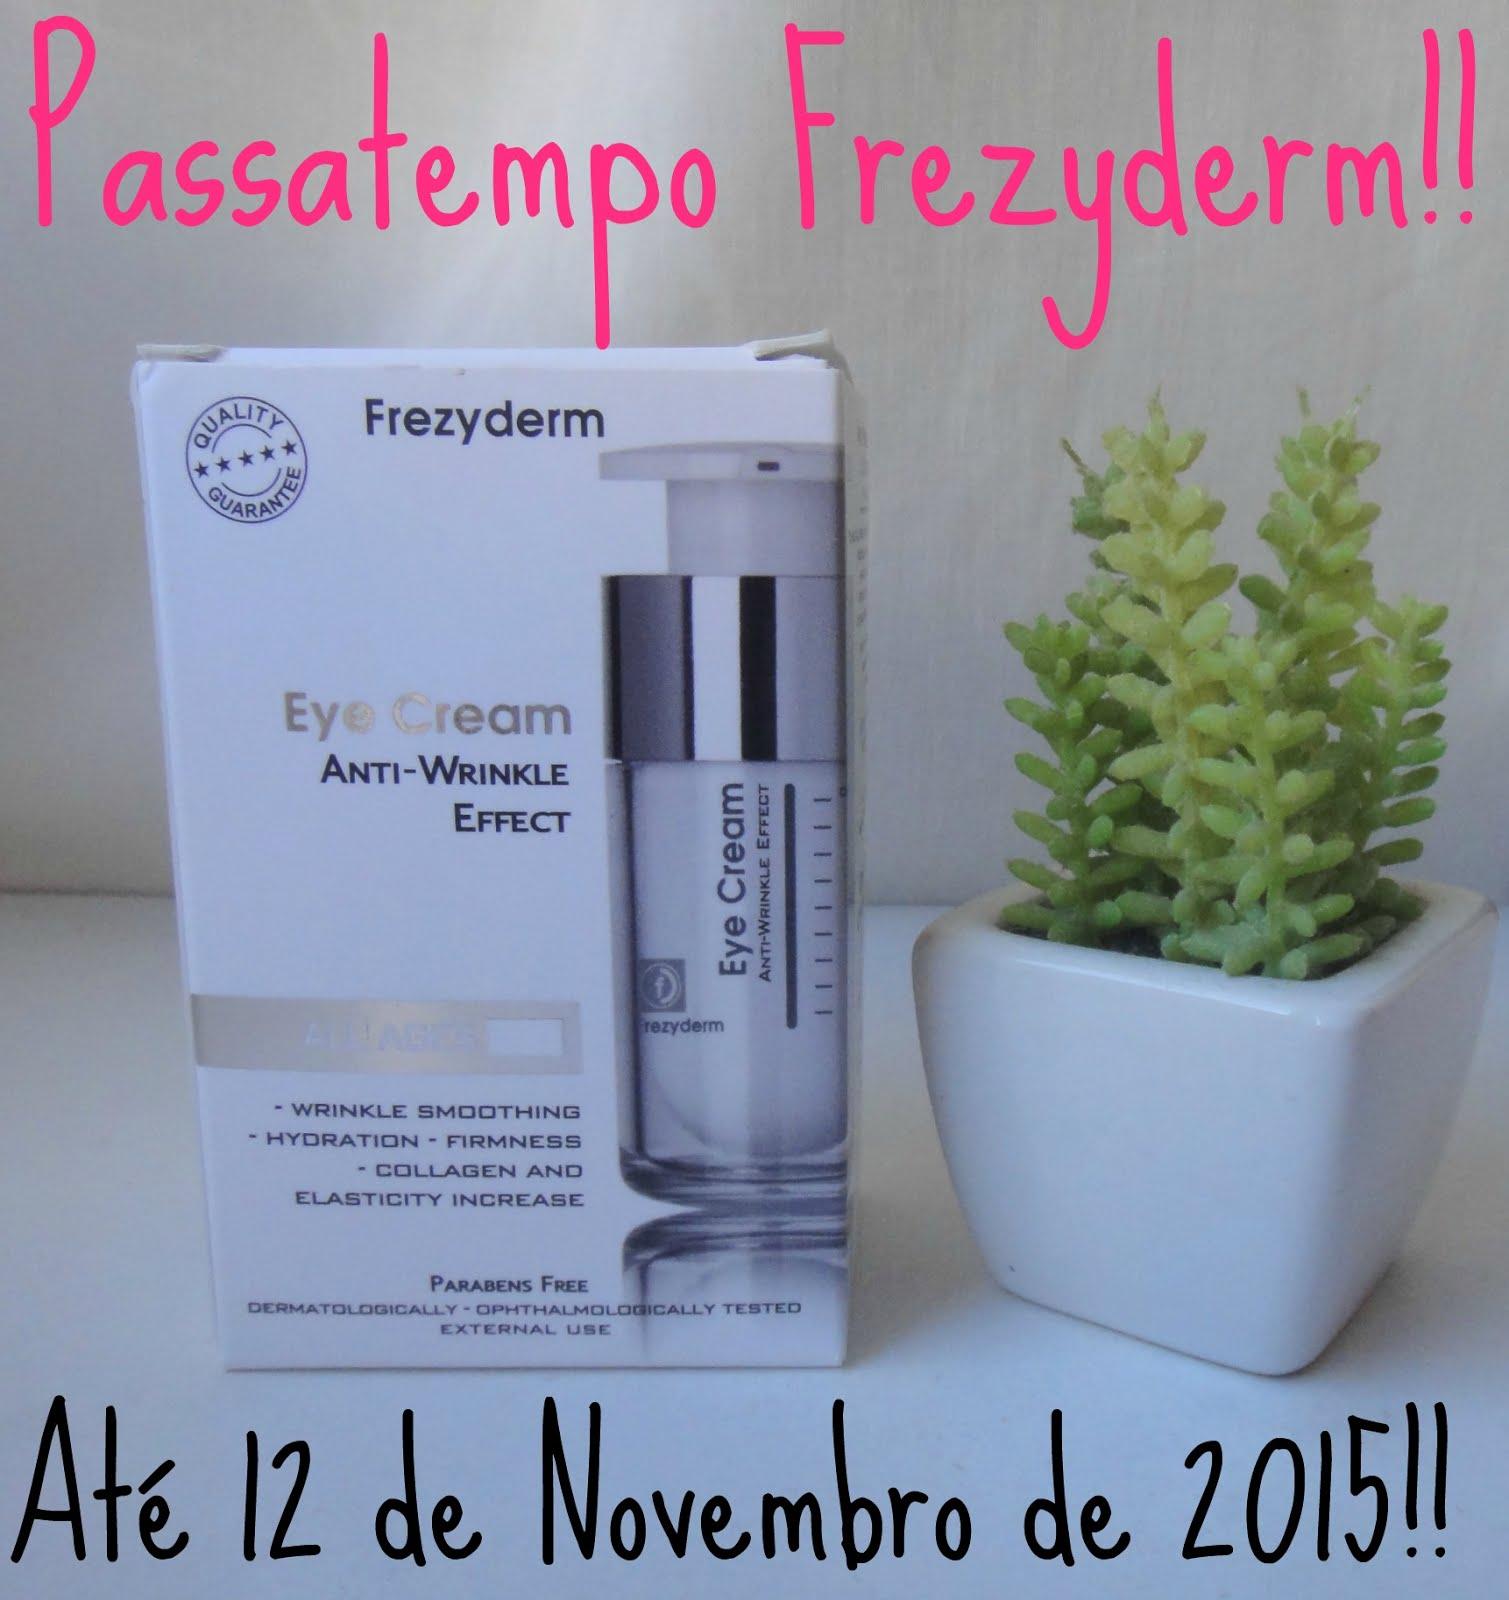 http://mustbepink.blogspot.pt/2015/10/passatempo-frezyderm-creme-de-olhos-ate.html